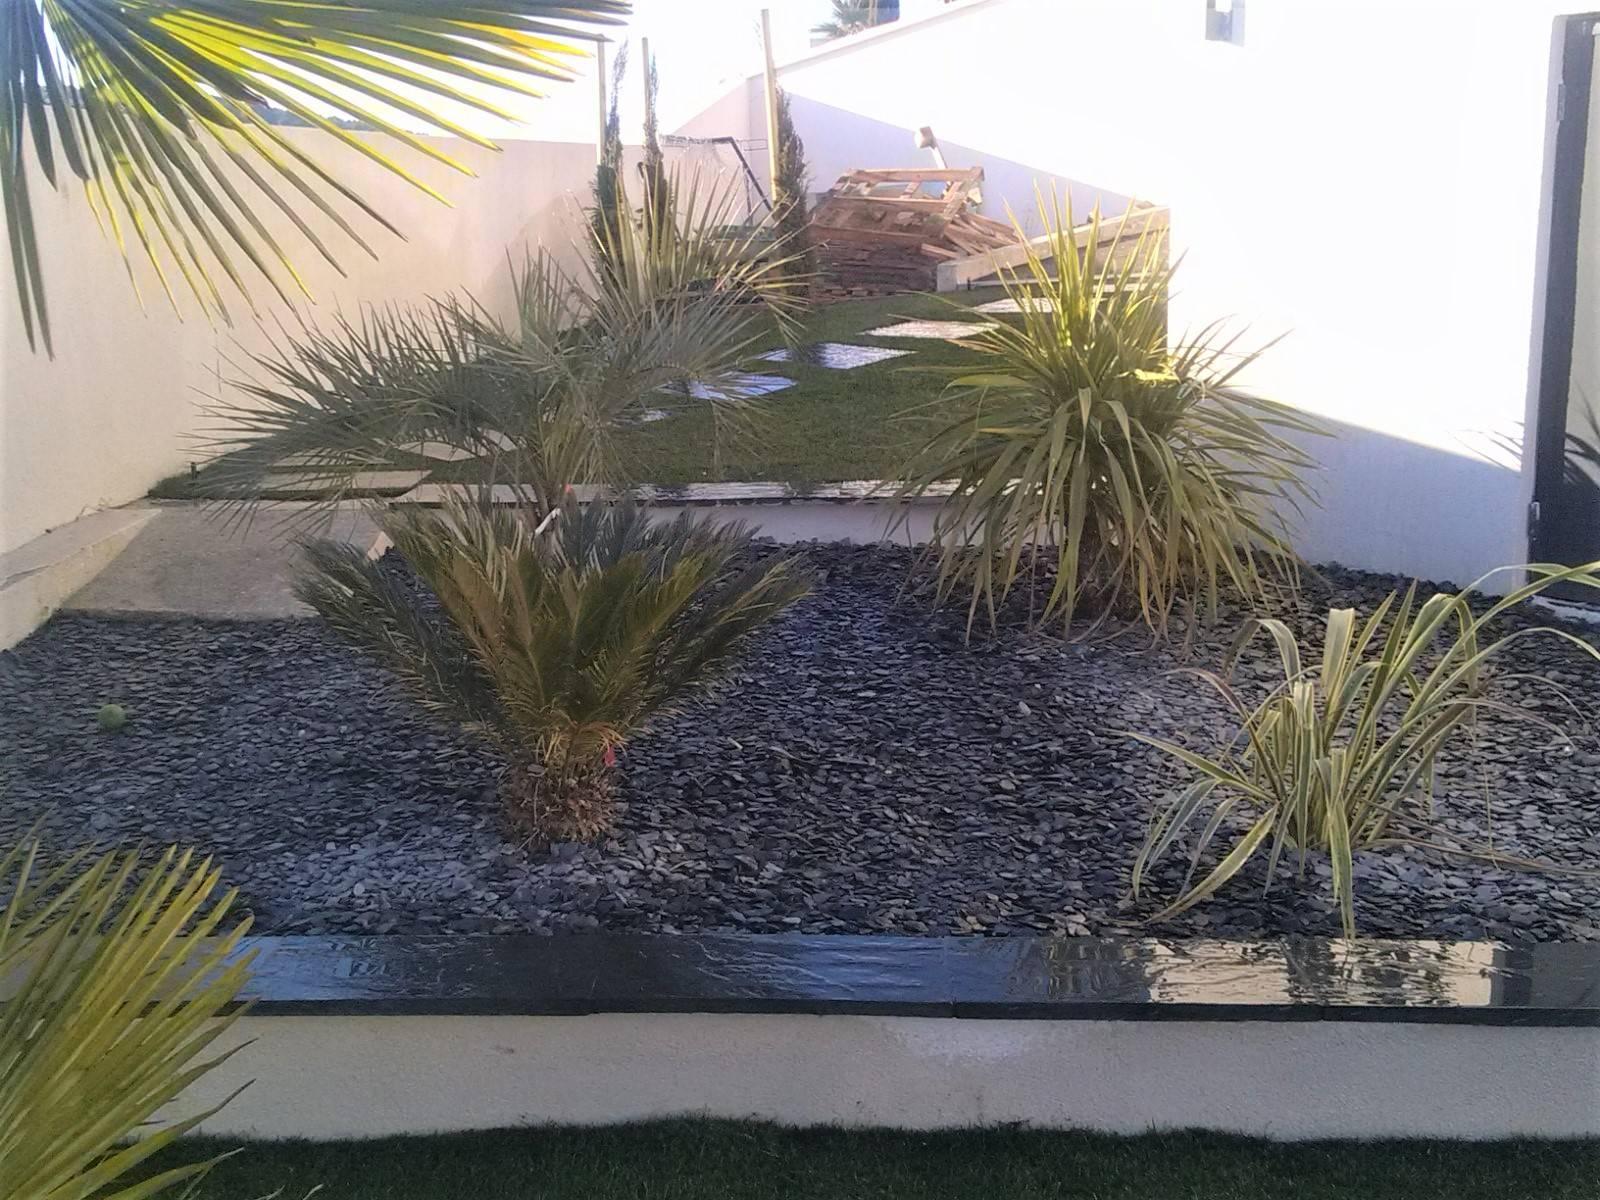 am nagement d 39 un jardin moderne avec des plantes exotiques. Black Bedroom Furniture Sets. Home Design Ideas